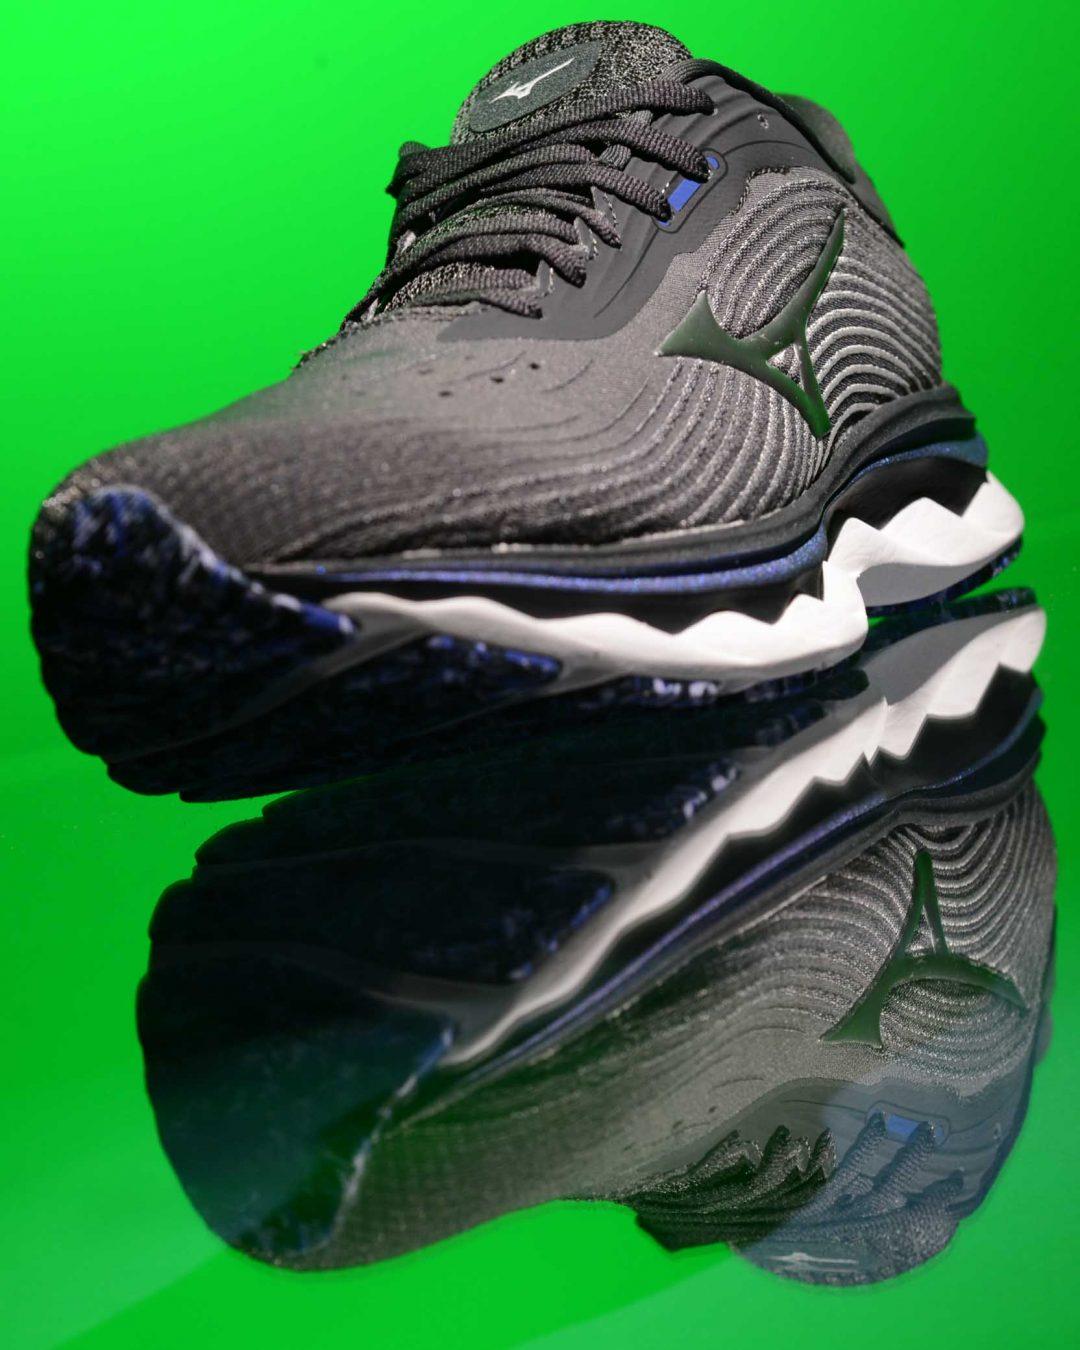 mizuno-wave-rebellion-running-shoes-compare-0269